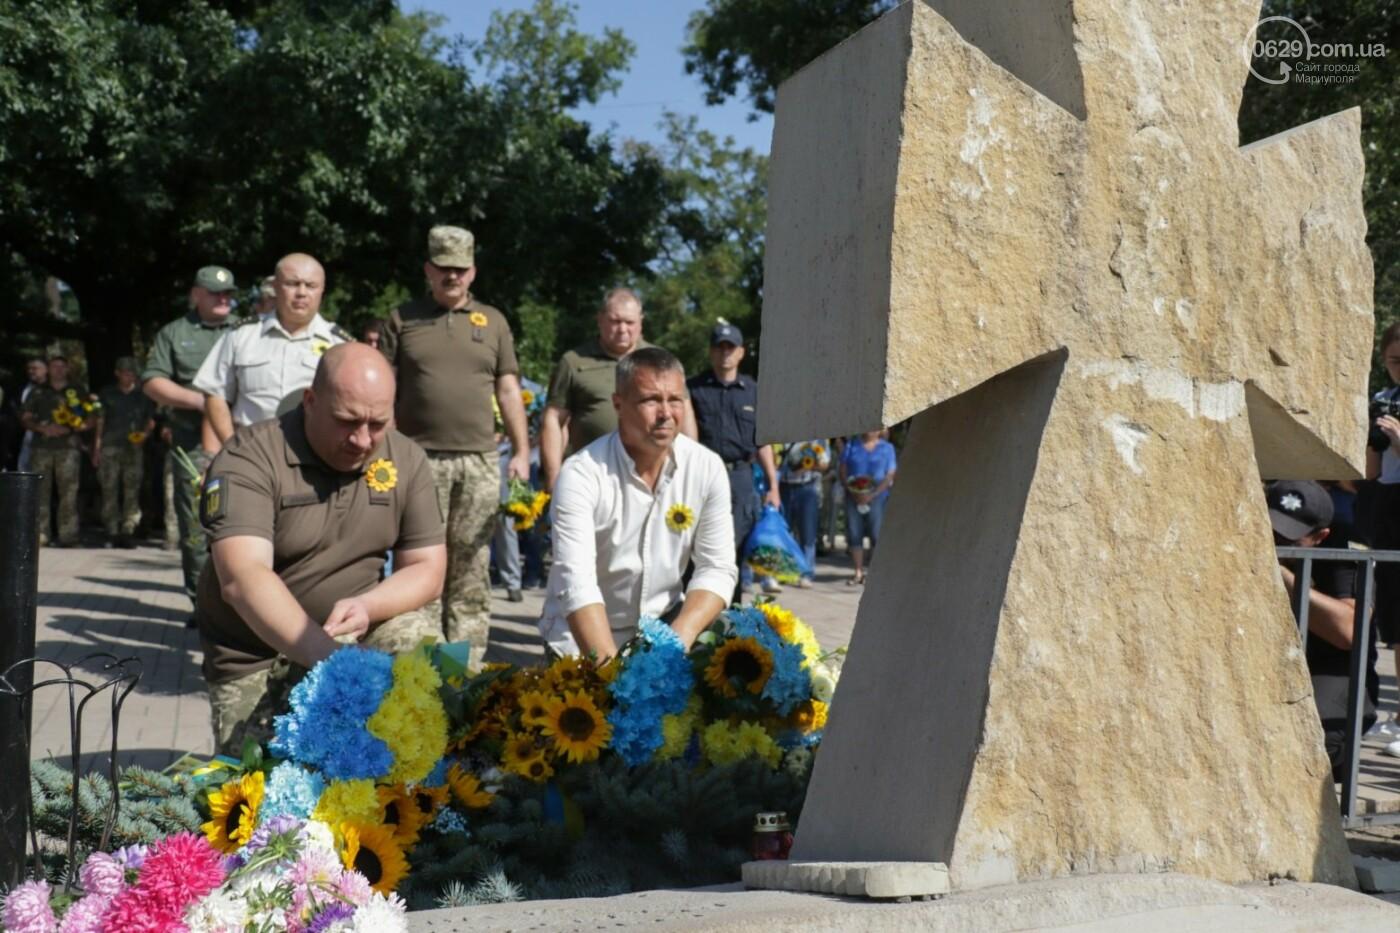 Общенациональная минута молчания. Как в Мариуполе почтили память защитников Украины, - ФОТОРЕПОРТАЖ, фото-6